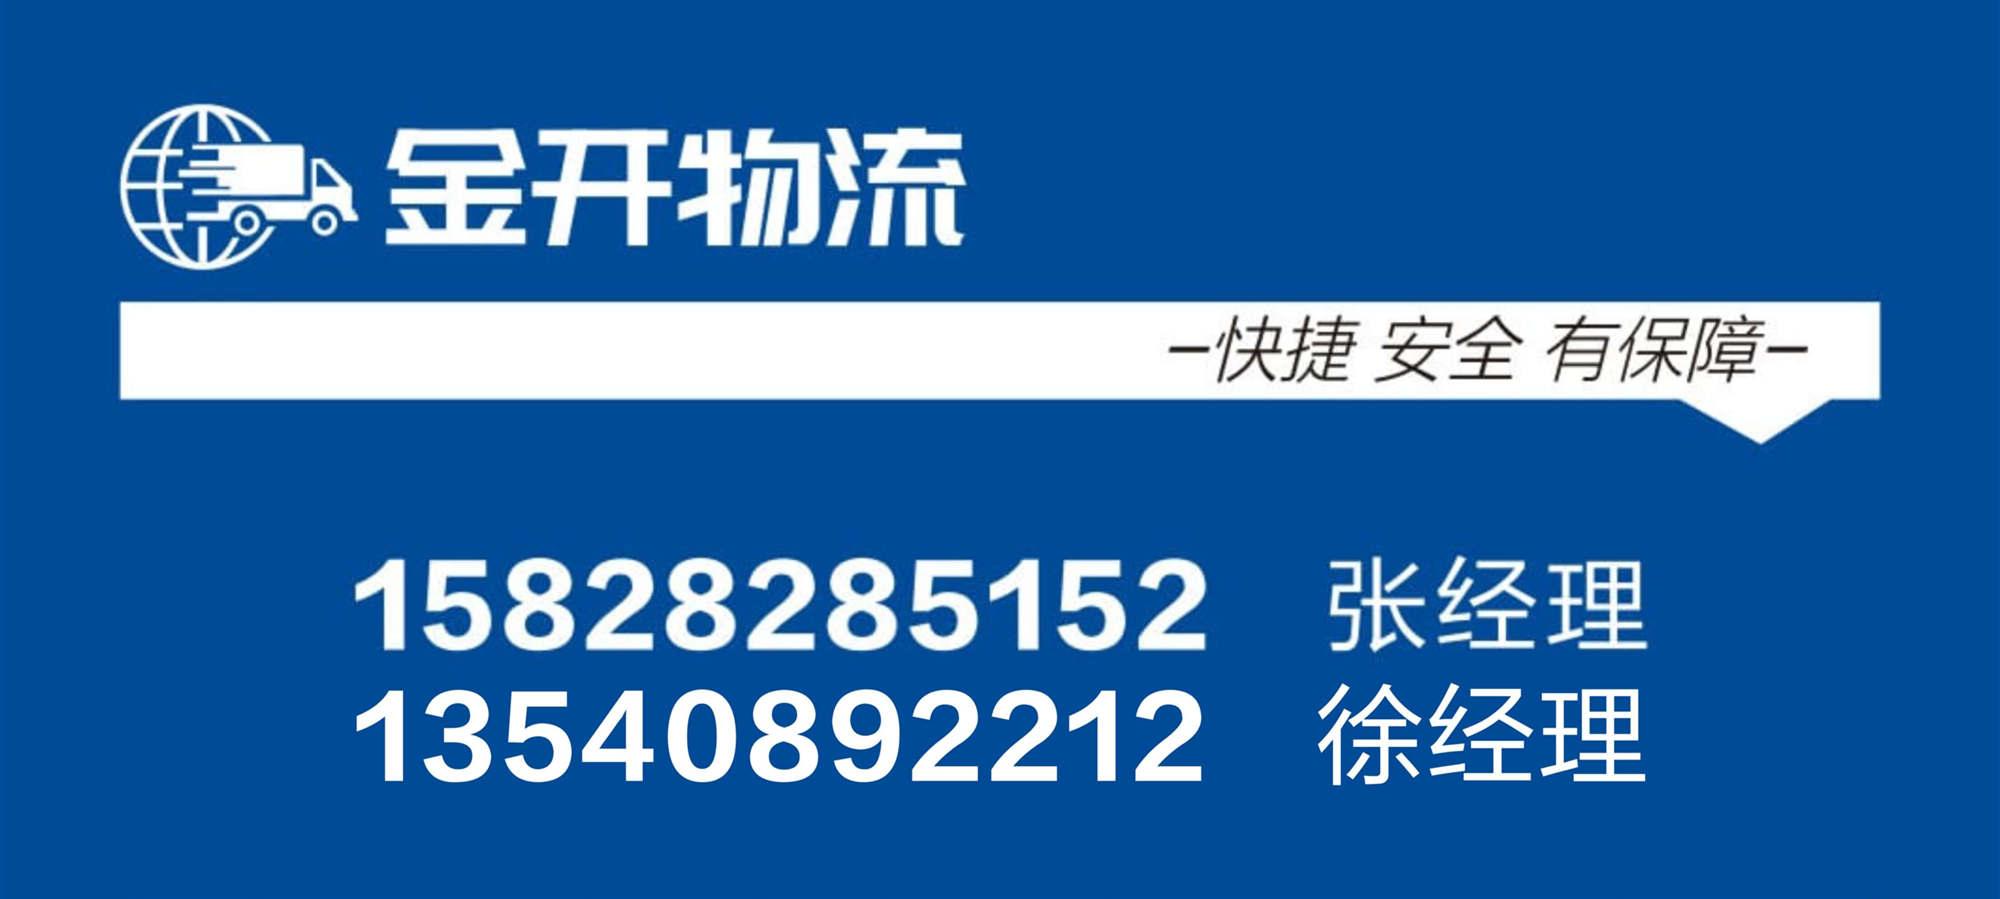 重庆到七台河物流公司电话